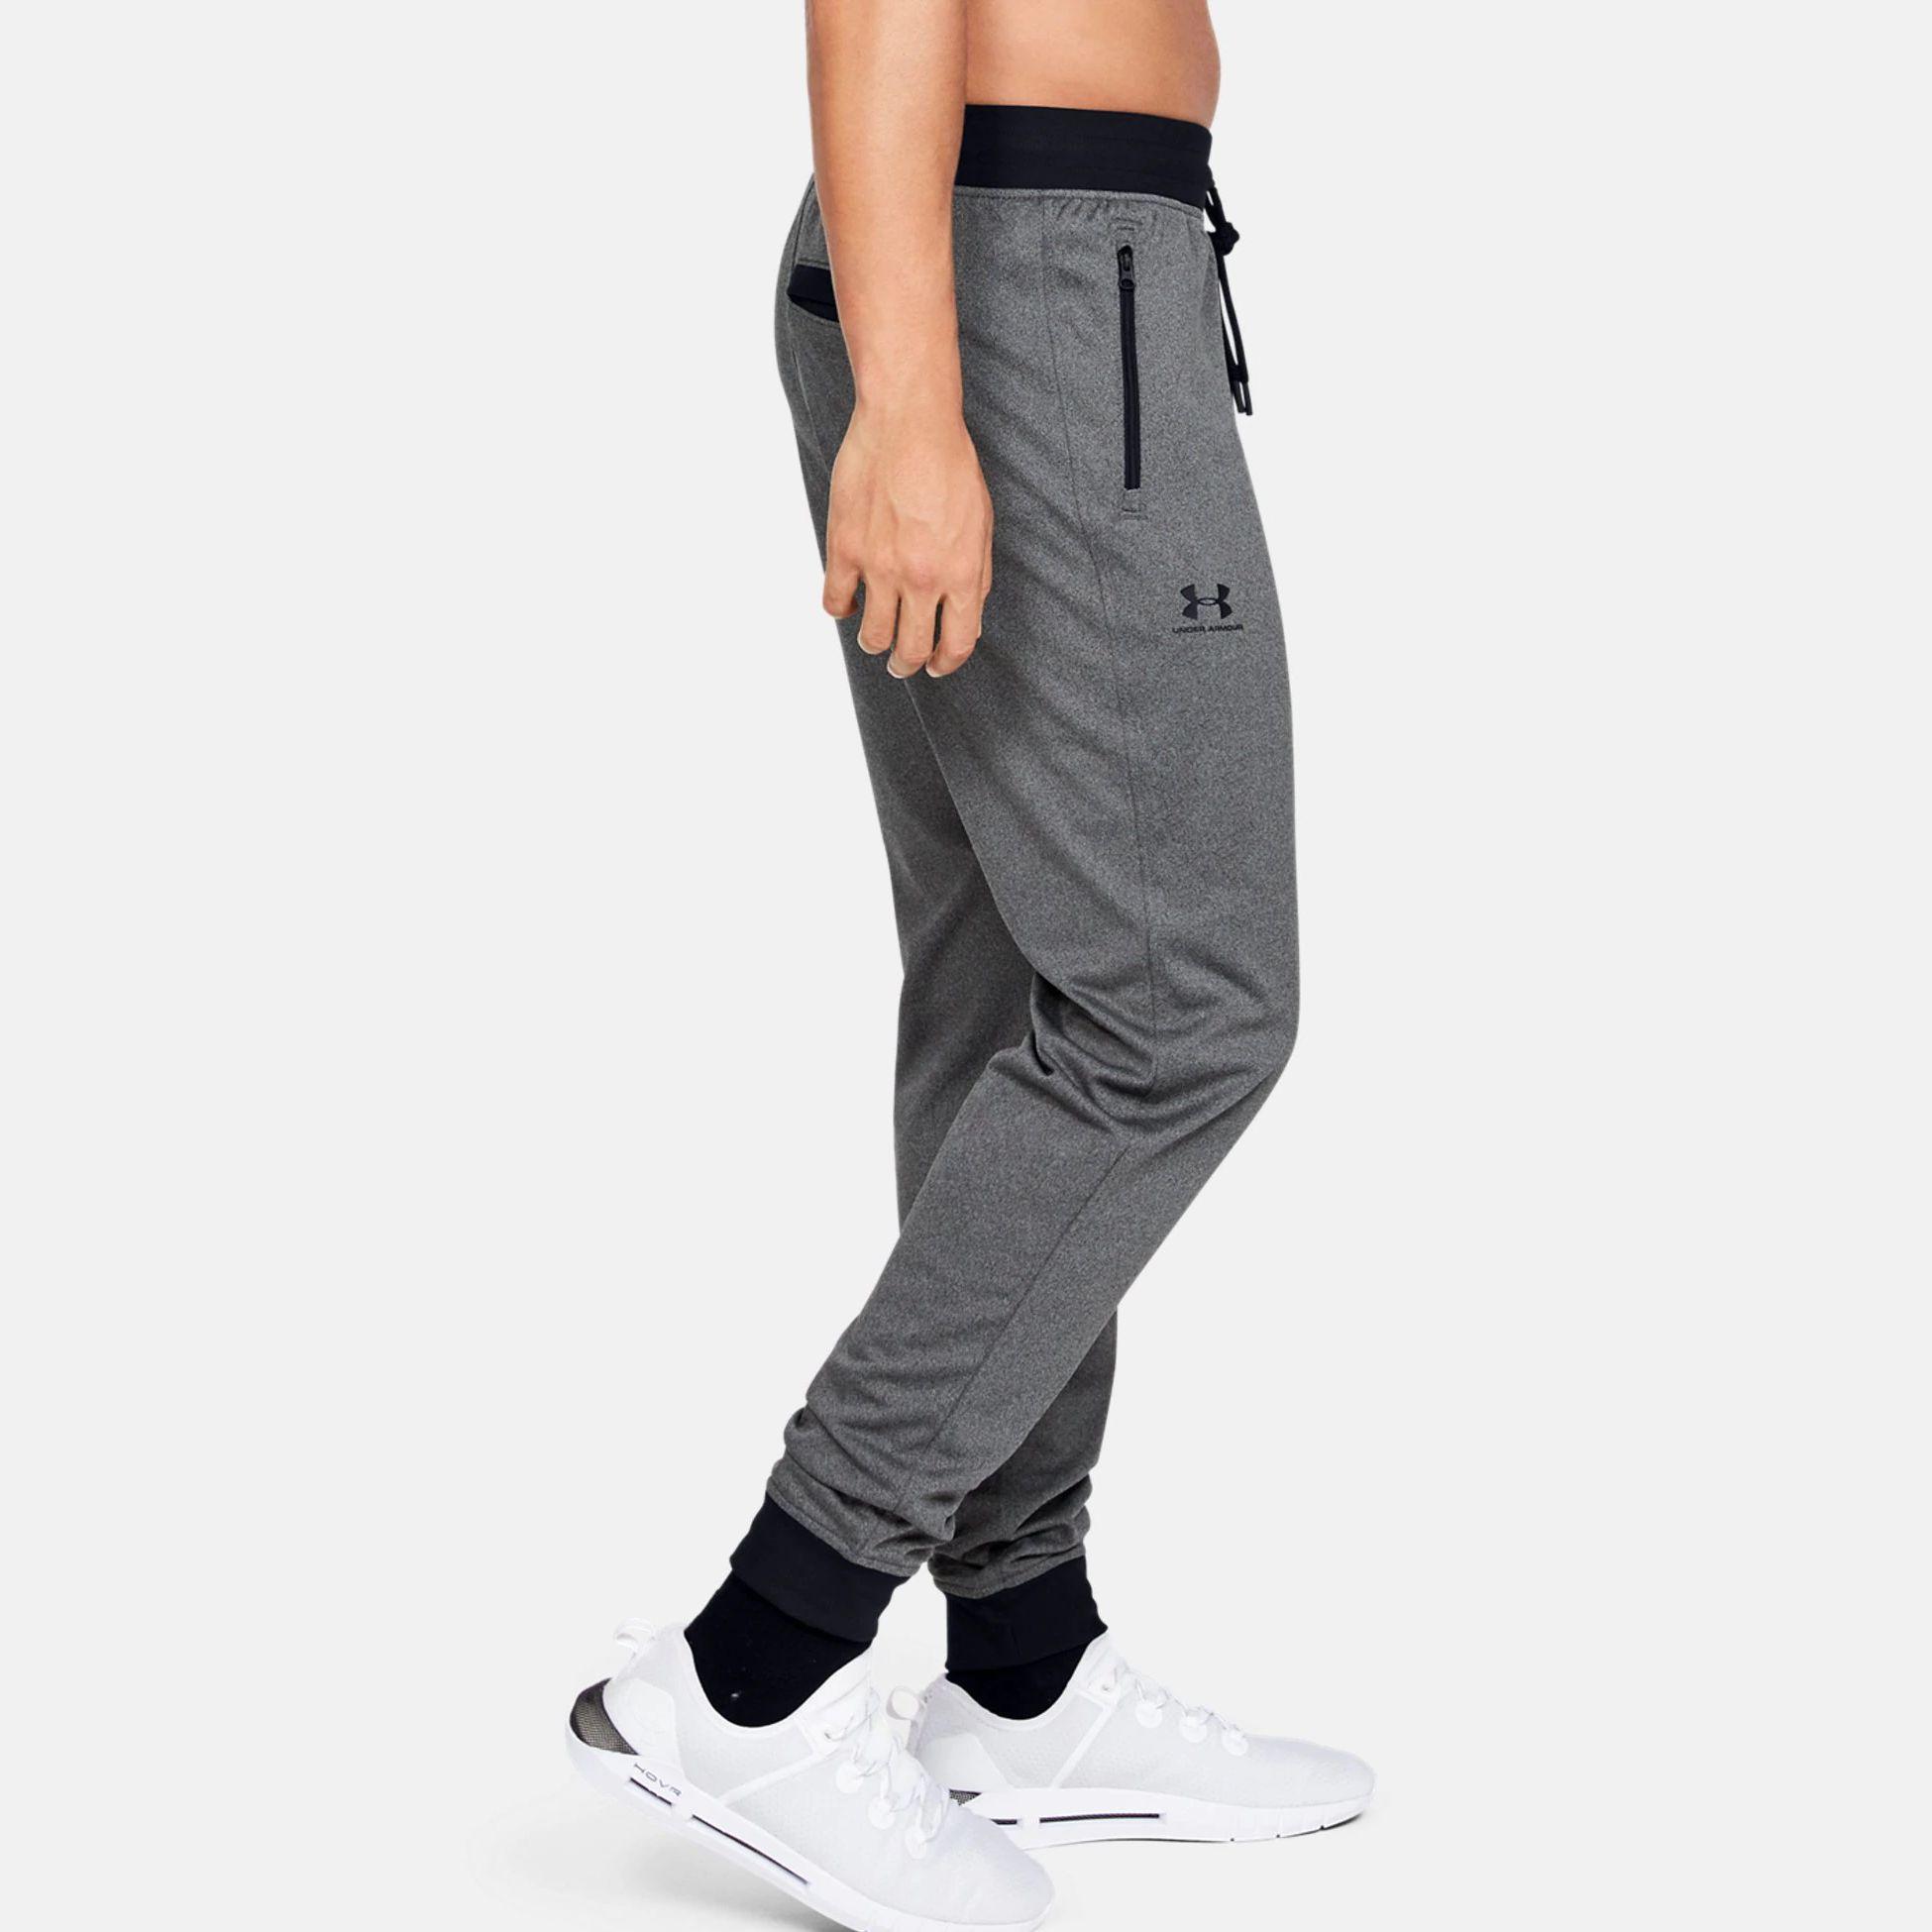 Îmbrăcăminte -  under armour UA Sportstyle Joggers 0261